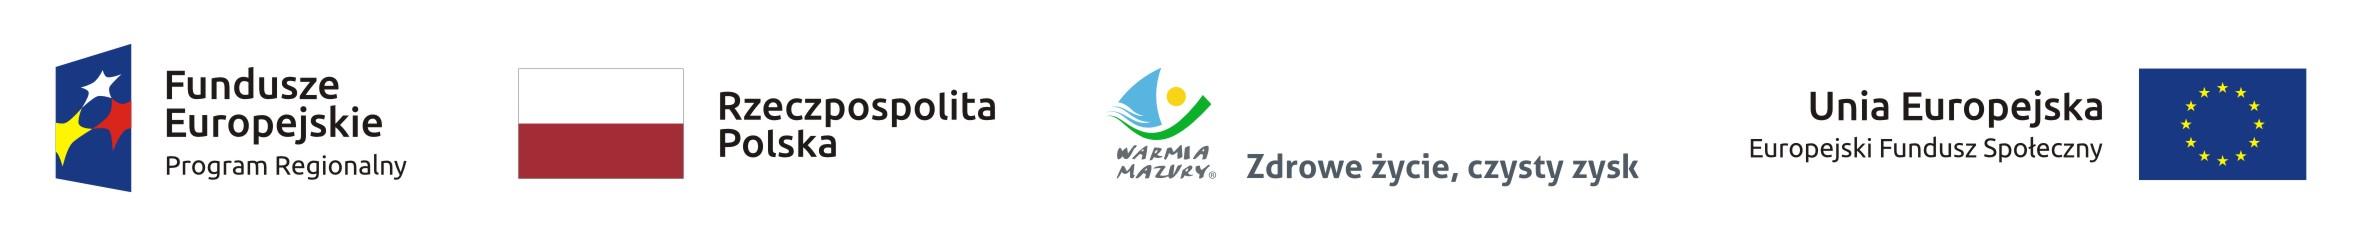 Kompetencje inwestycją w przyszłość – woj. warmińsko-mazurskie